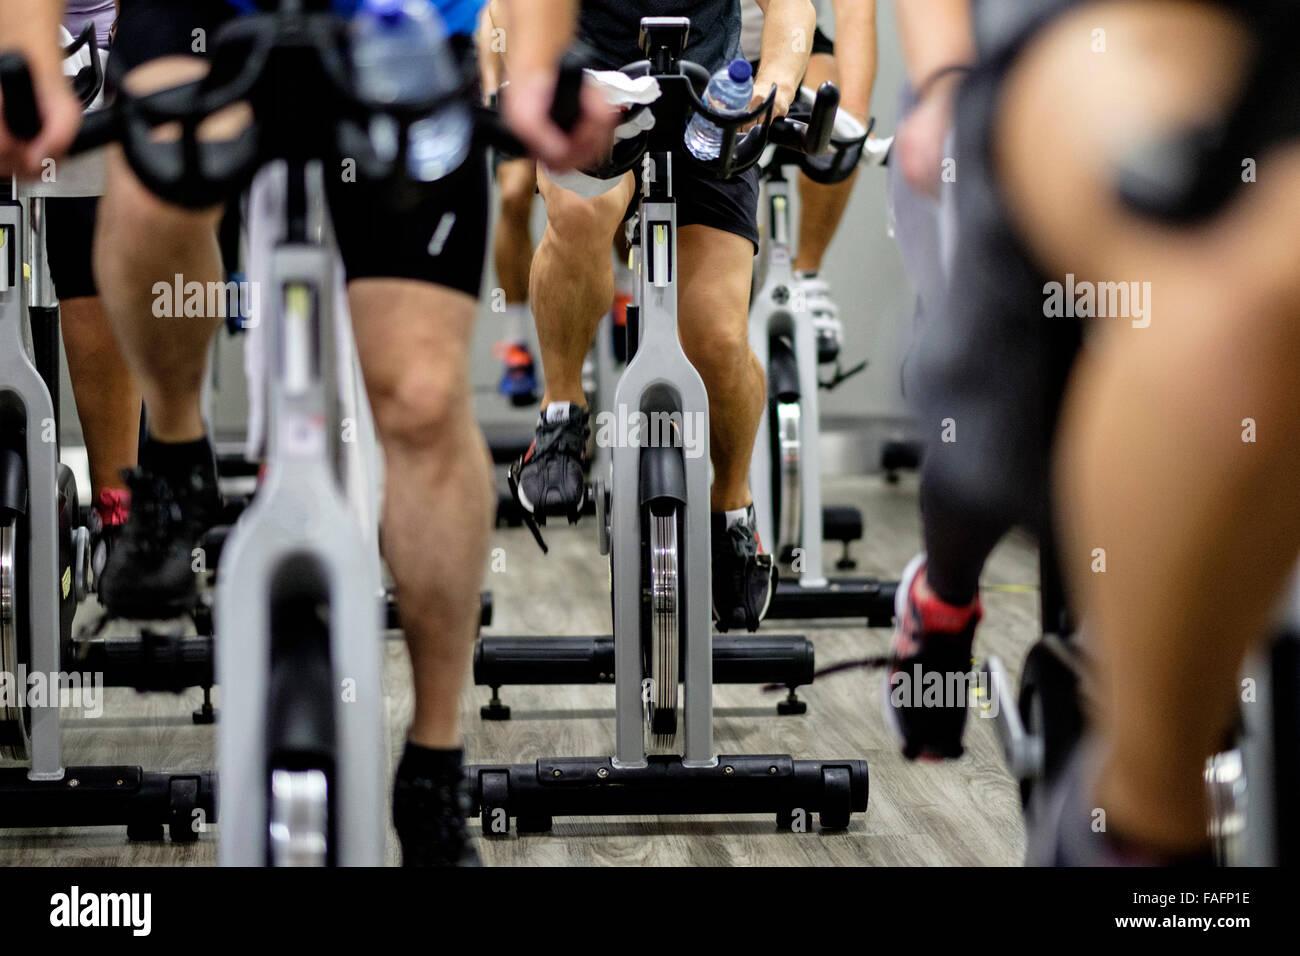 La gente di equitazione bicicletta stazionaria durante una lezione di spinning presso la palestra Immagini Stock